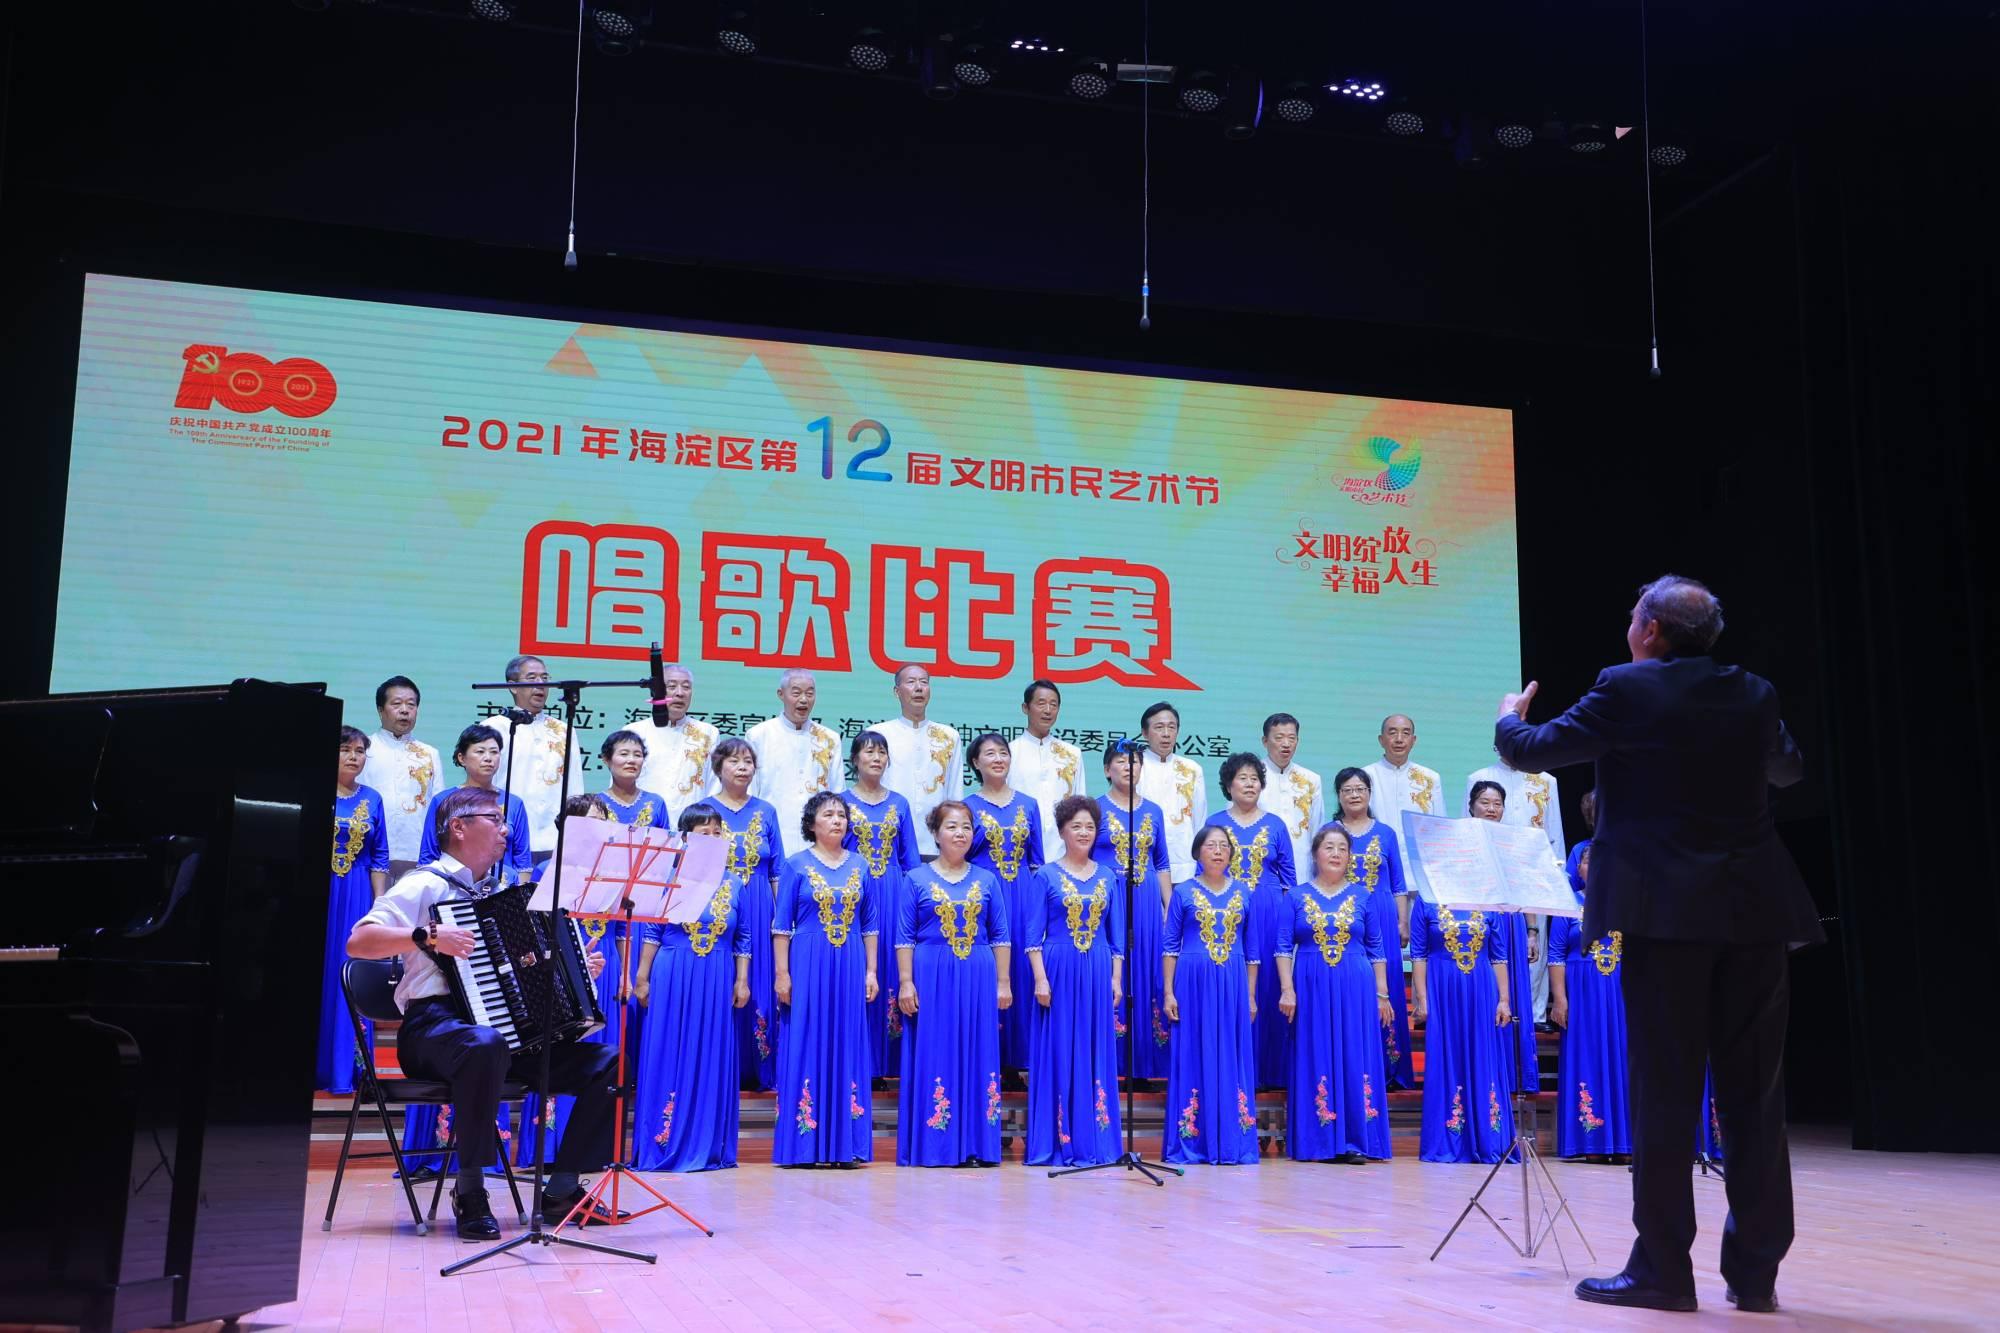 海淀区文明市民学校传播正能量引领新风尚